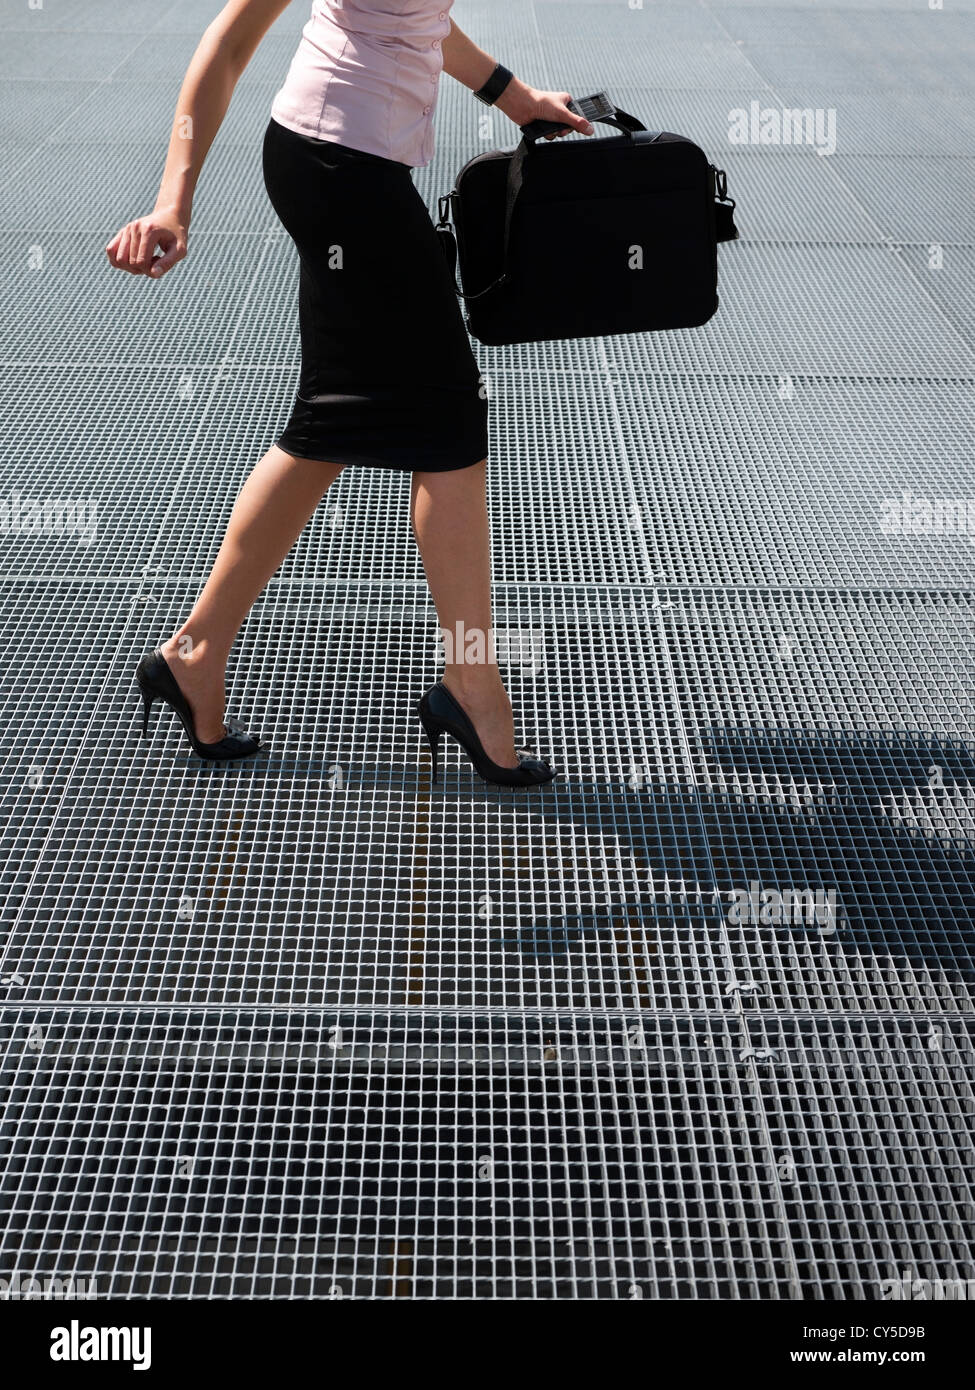 Vista recortada de mediados de mujer de negocios adulto caminando sobre tacones altos, tratando de equilibrar el Imagen De Stock